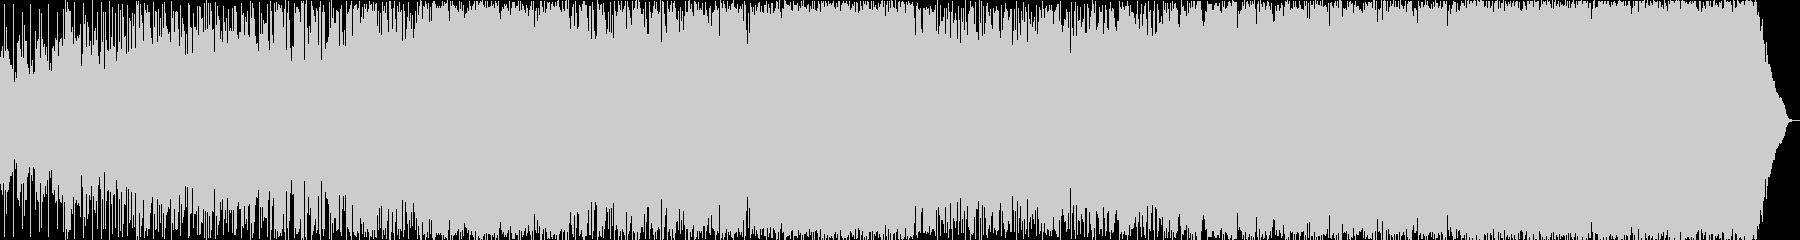 爽やかで切ないミドルテンポのピアノポップの未再生の波形